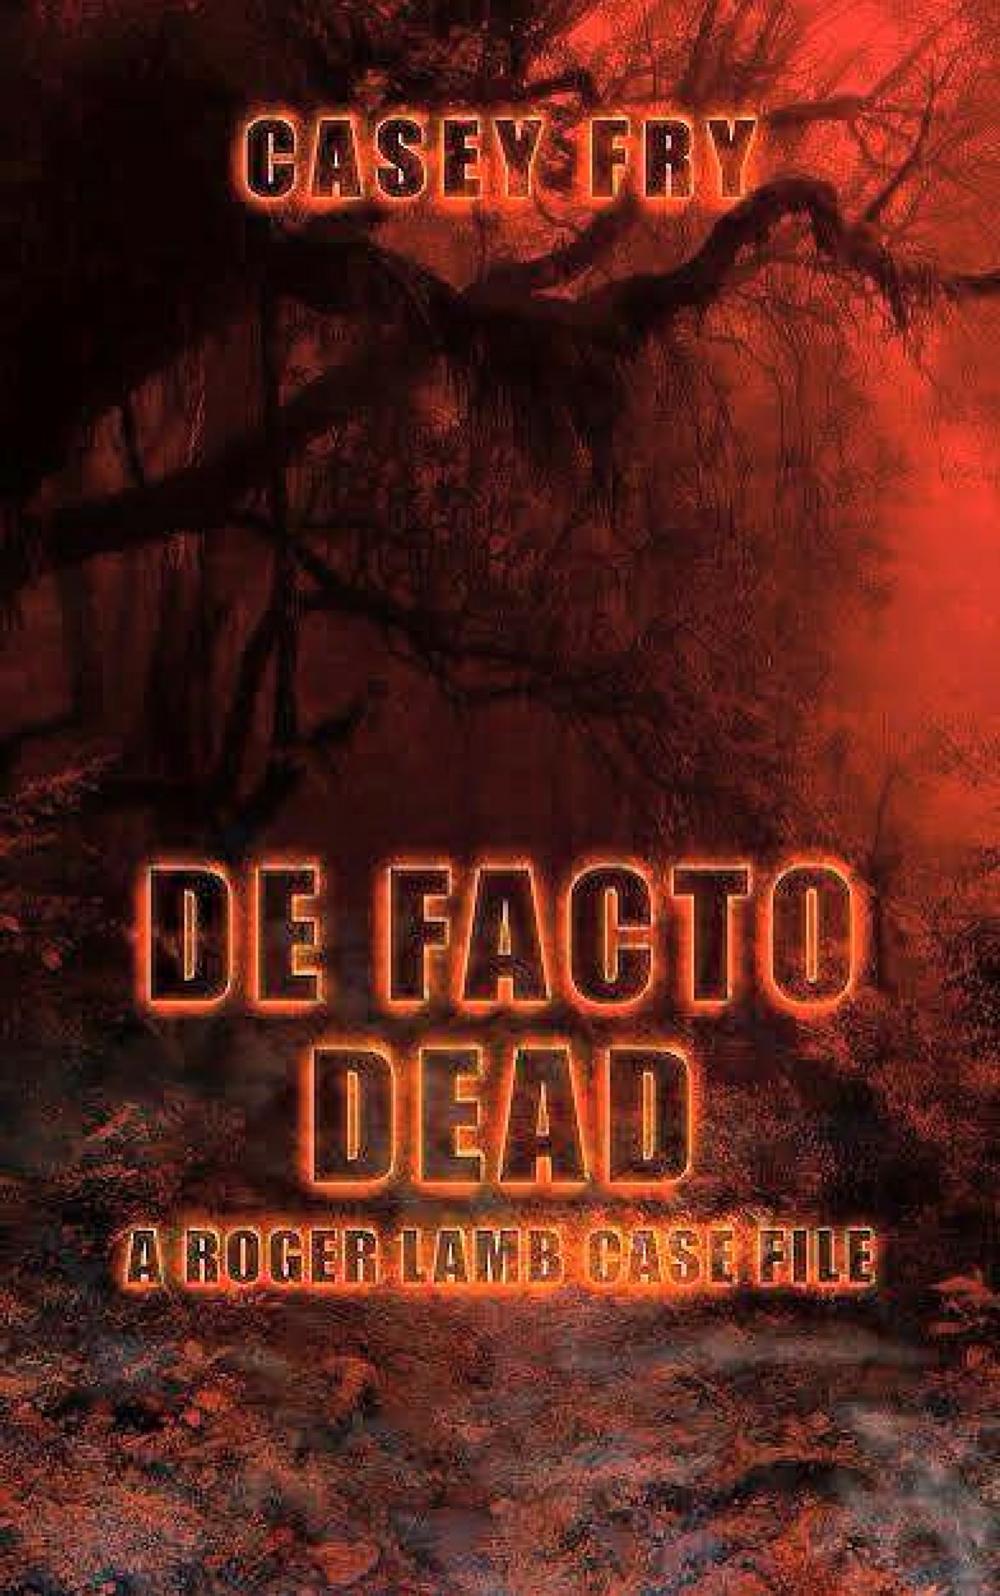 De Facto Dead (Roger Lamb 2).png